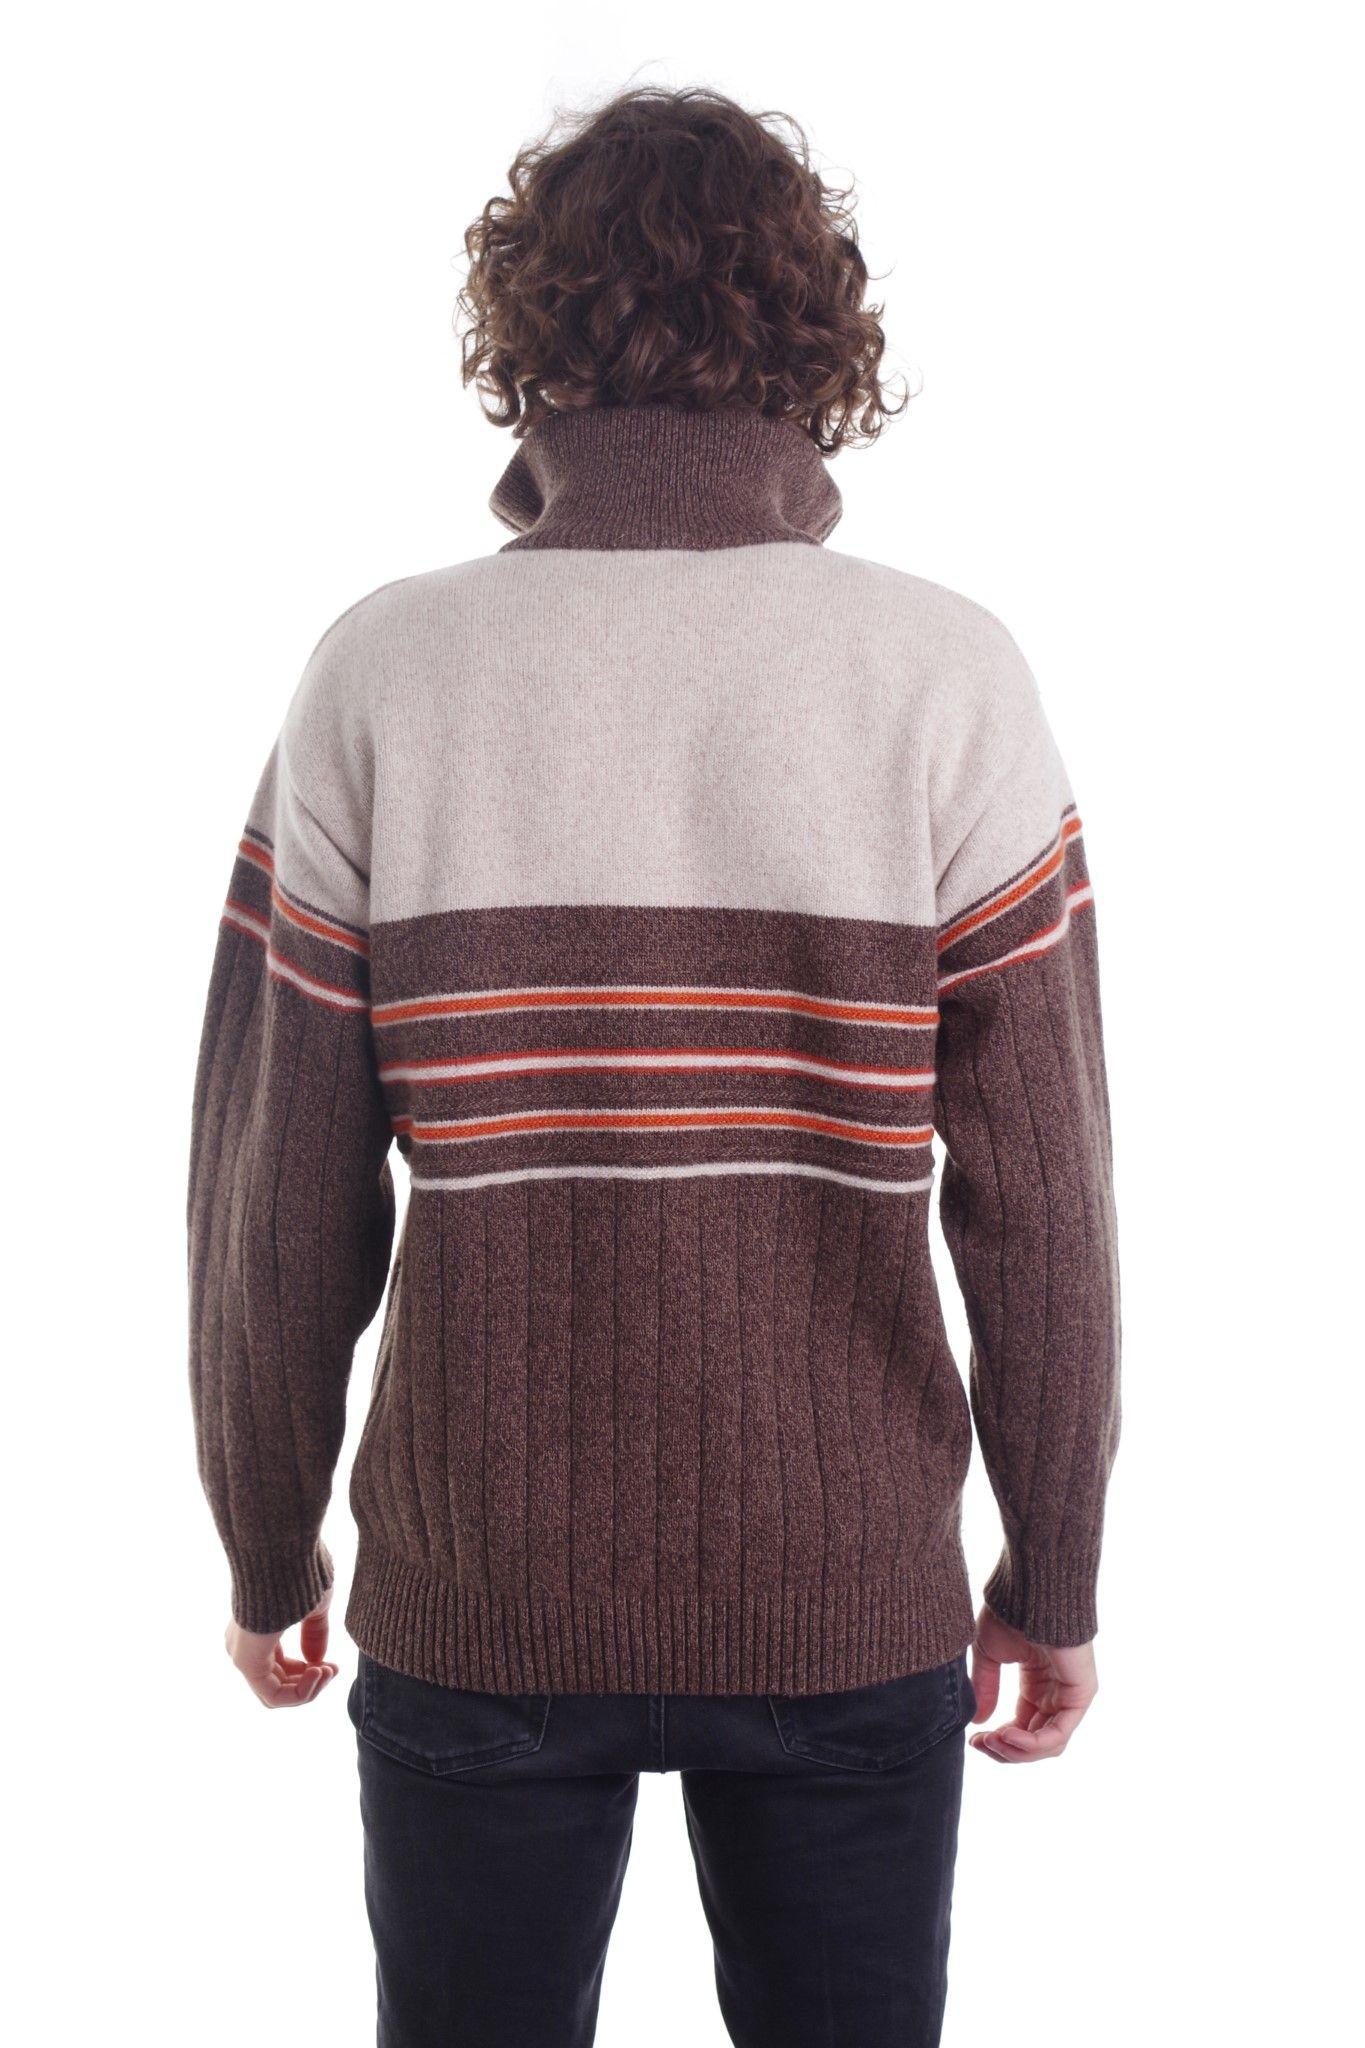 Brązowy sweter z kołnierzem marki CEFERS styl włoski - KEX Vintage Store   JestemSlow.pl